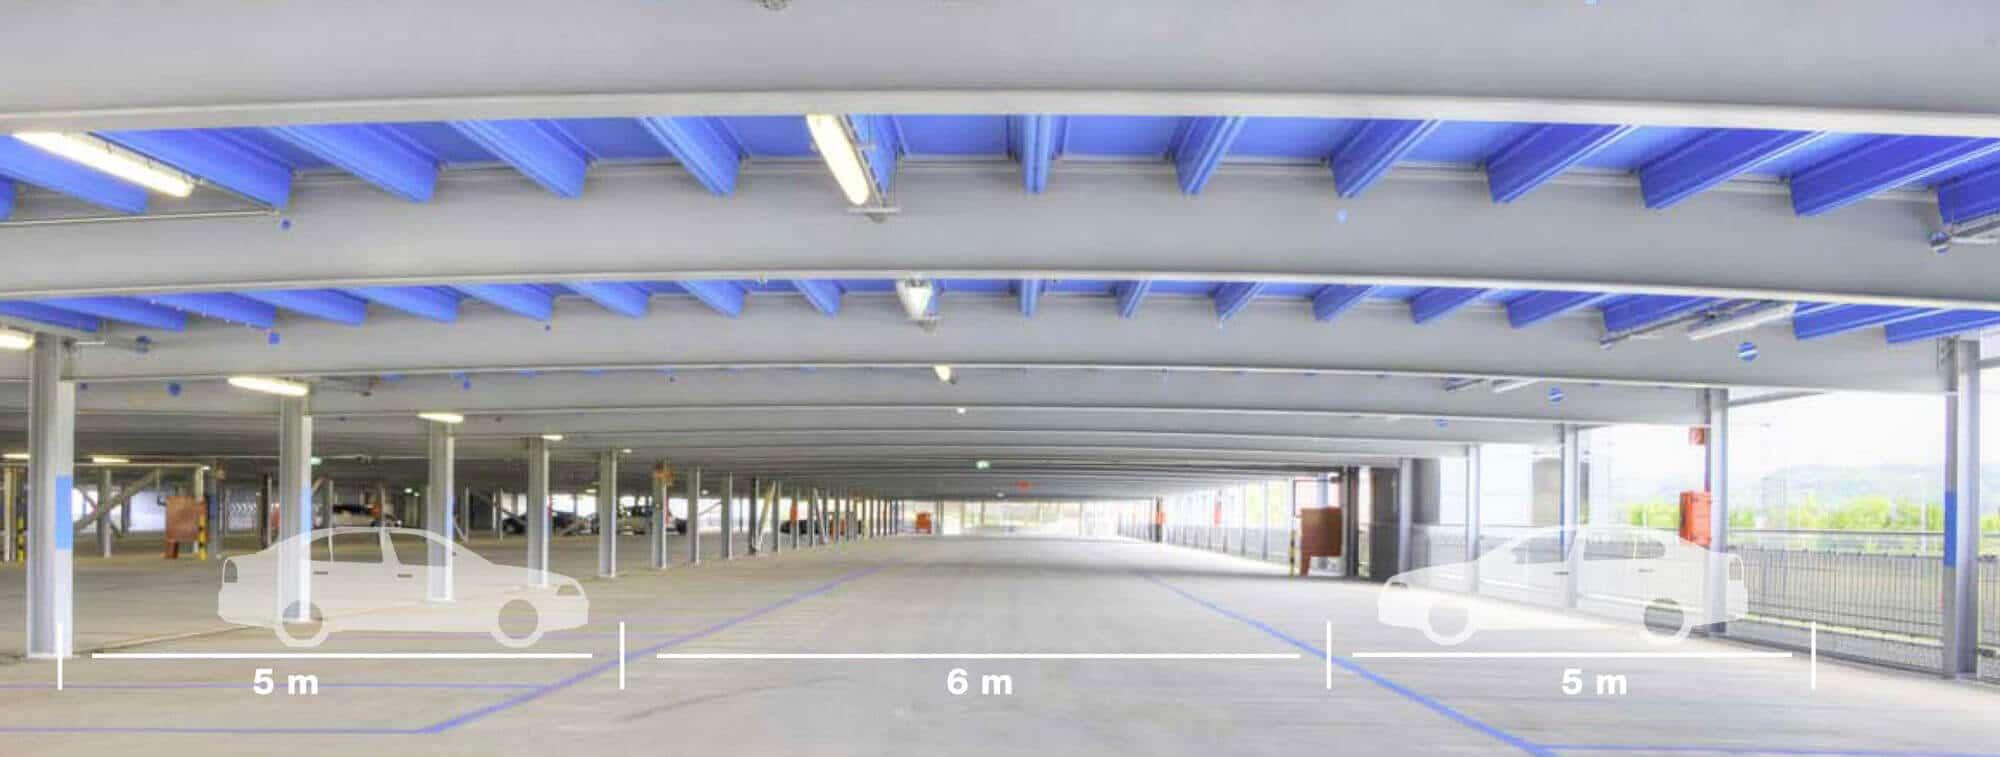 Keine Zwischenstützen - 16 Meter SpannweiteGute Sichtbarkeit beim Manövrieren und leichter Zugang zu den Fahrzeugen